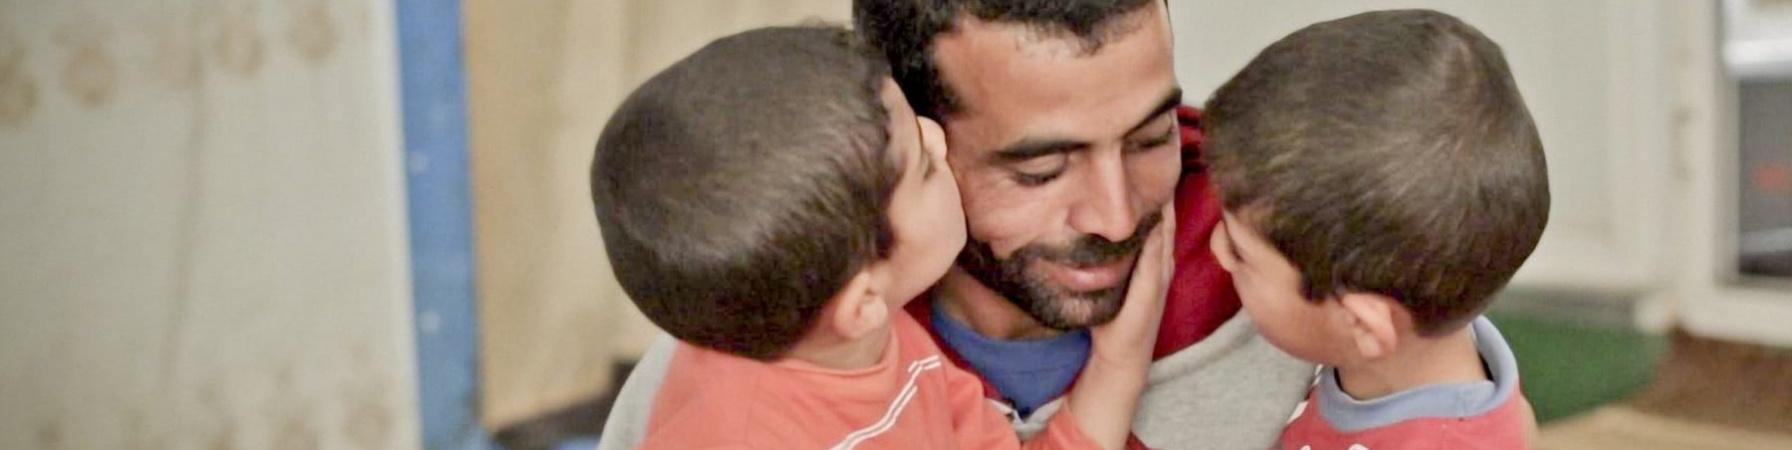 un papà chino sui figli, li abbraccia e uno dei due bambini gli accarezza la guancia e si avvicina per dargli un bacio